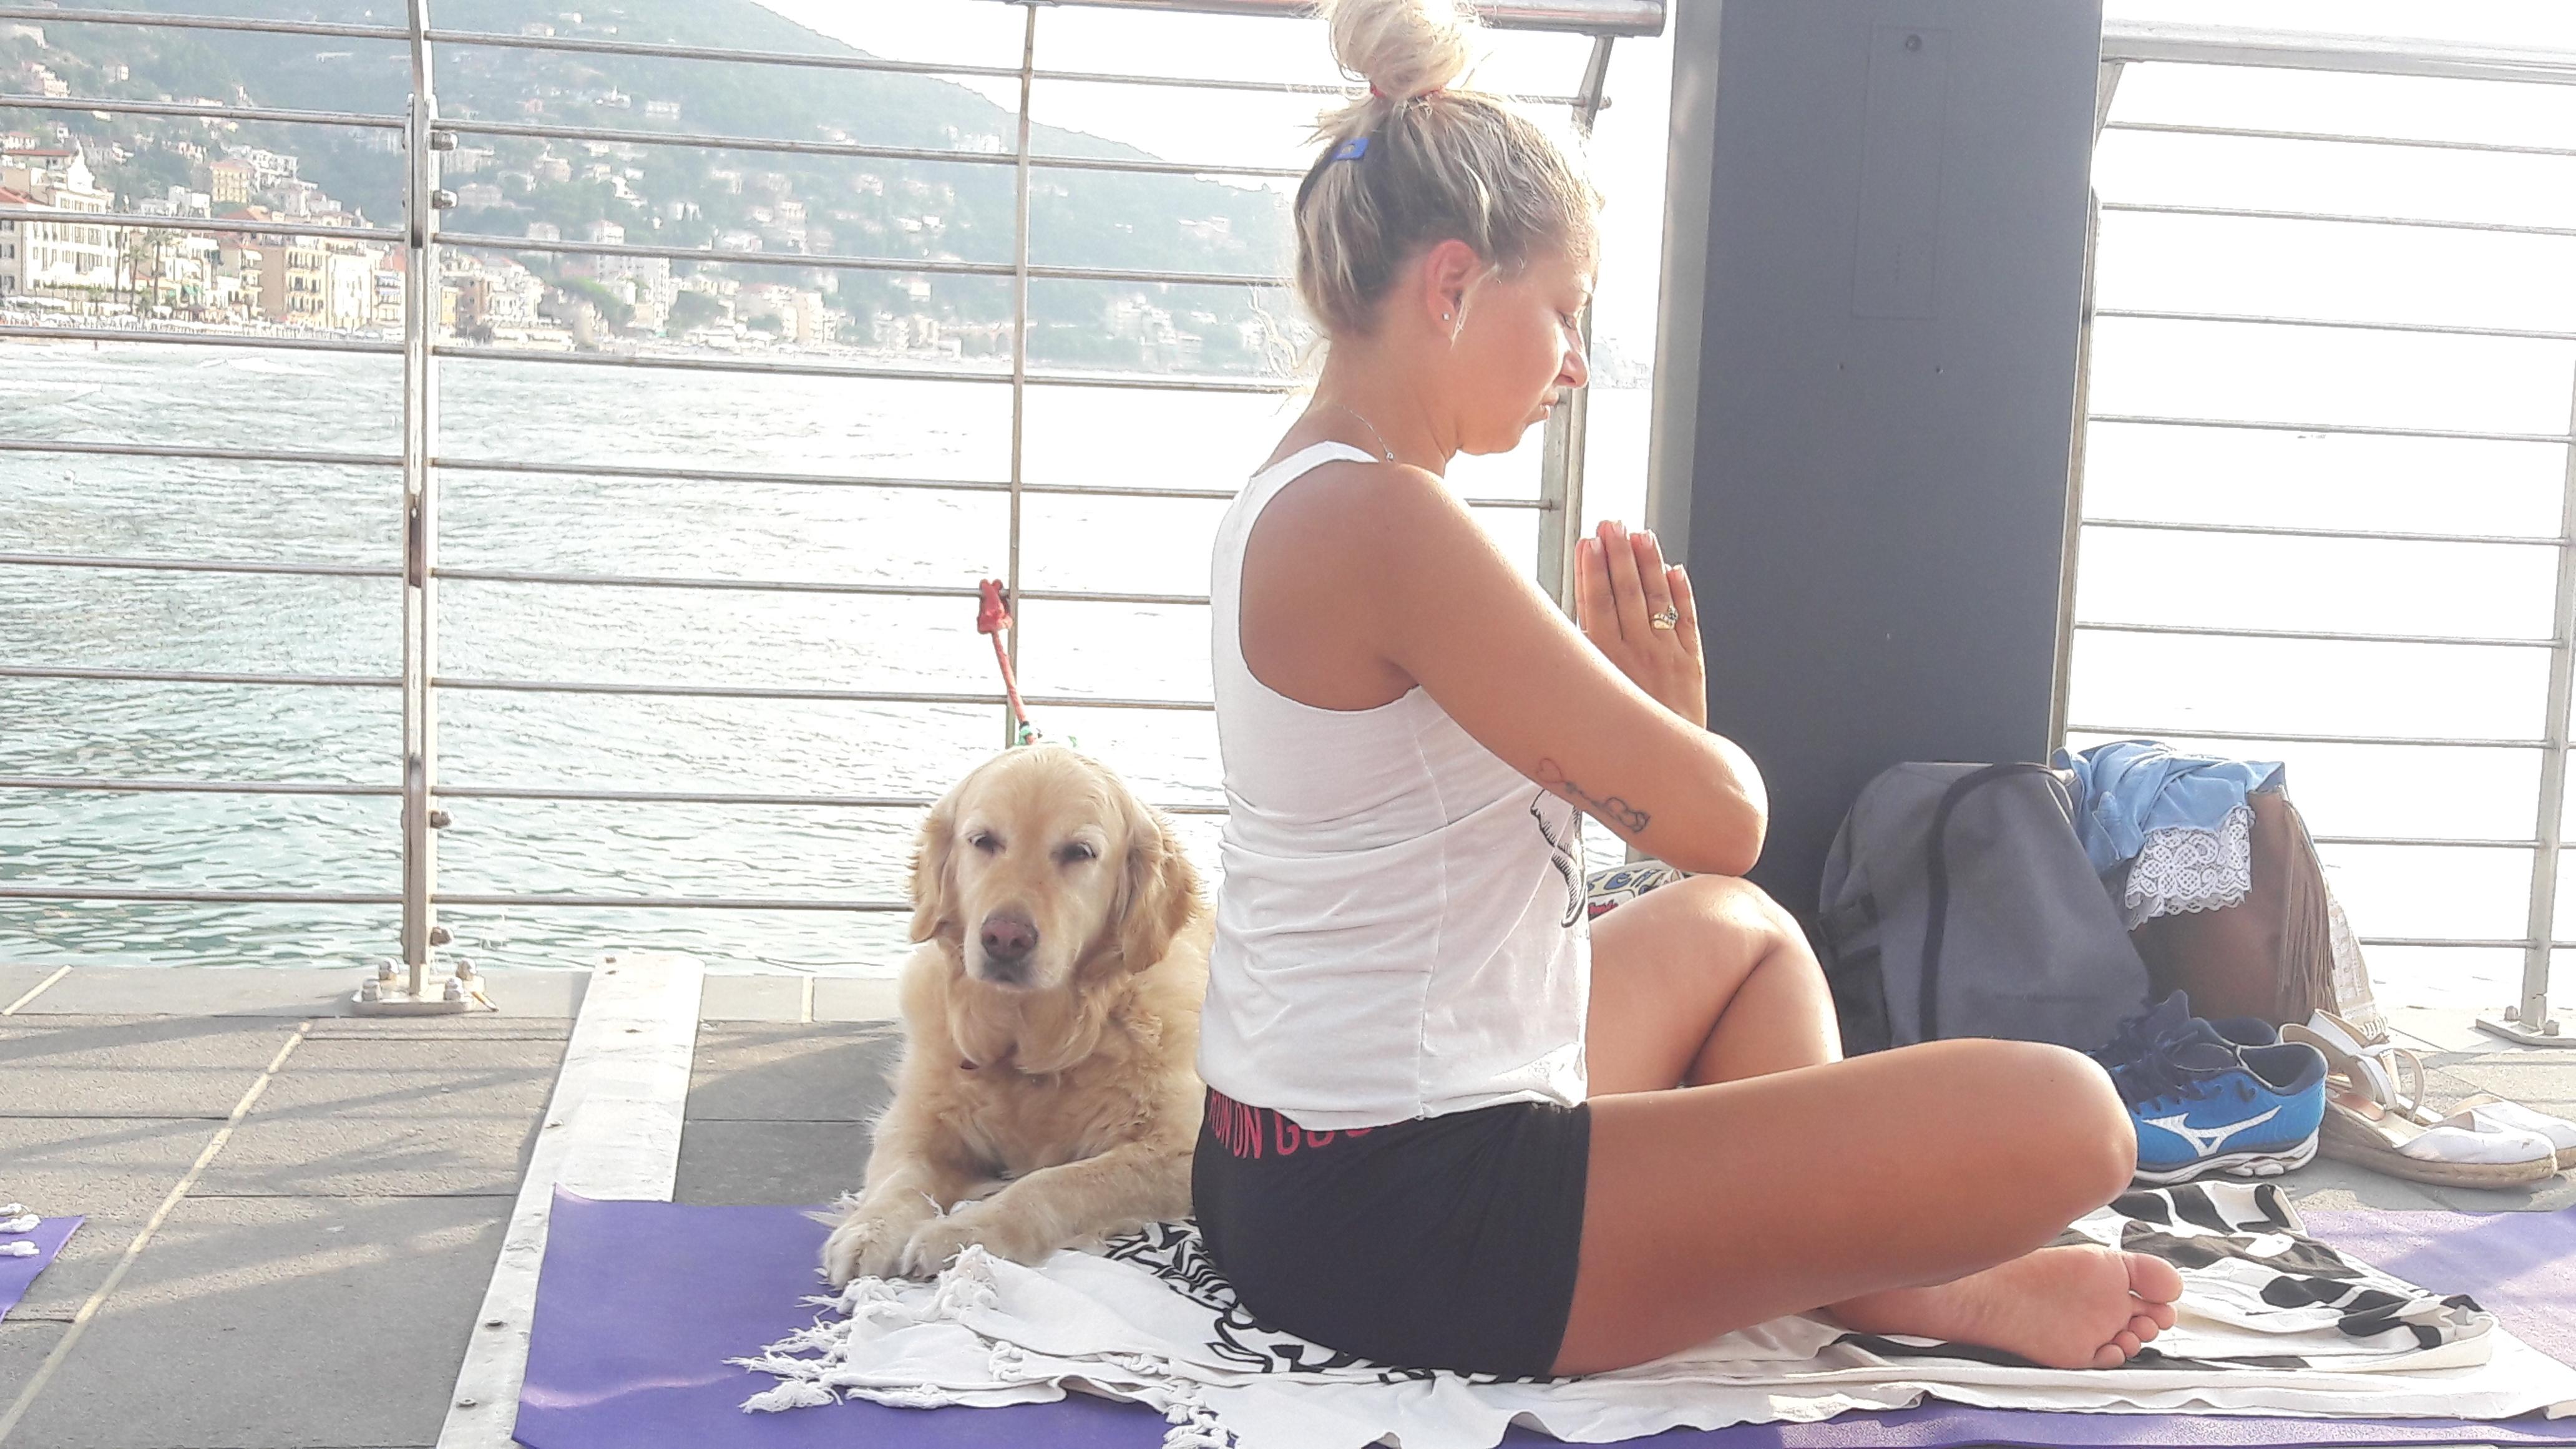 essere-free-yoga-gratuito-benessere-per-tutti-village-citta-alassio-estate-lucia-ragazzi-summer-town-wellness-37